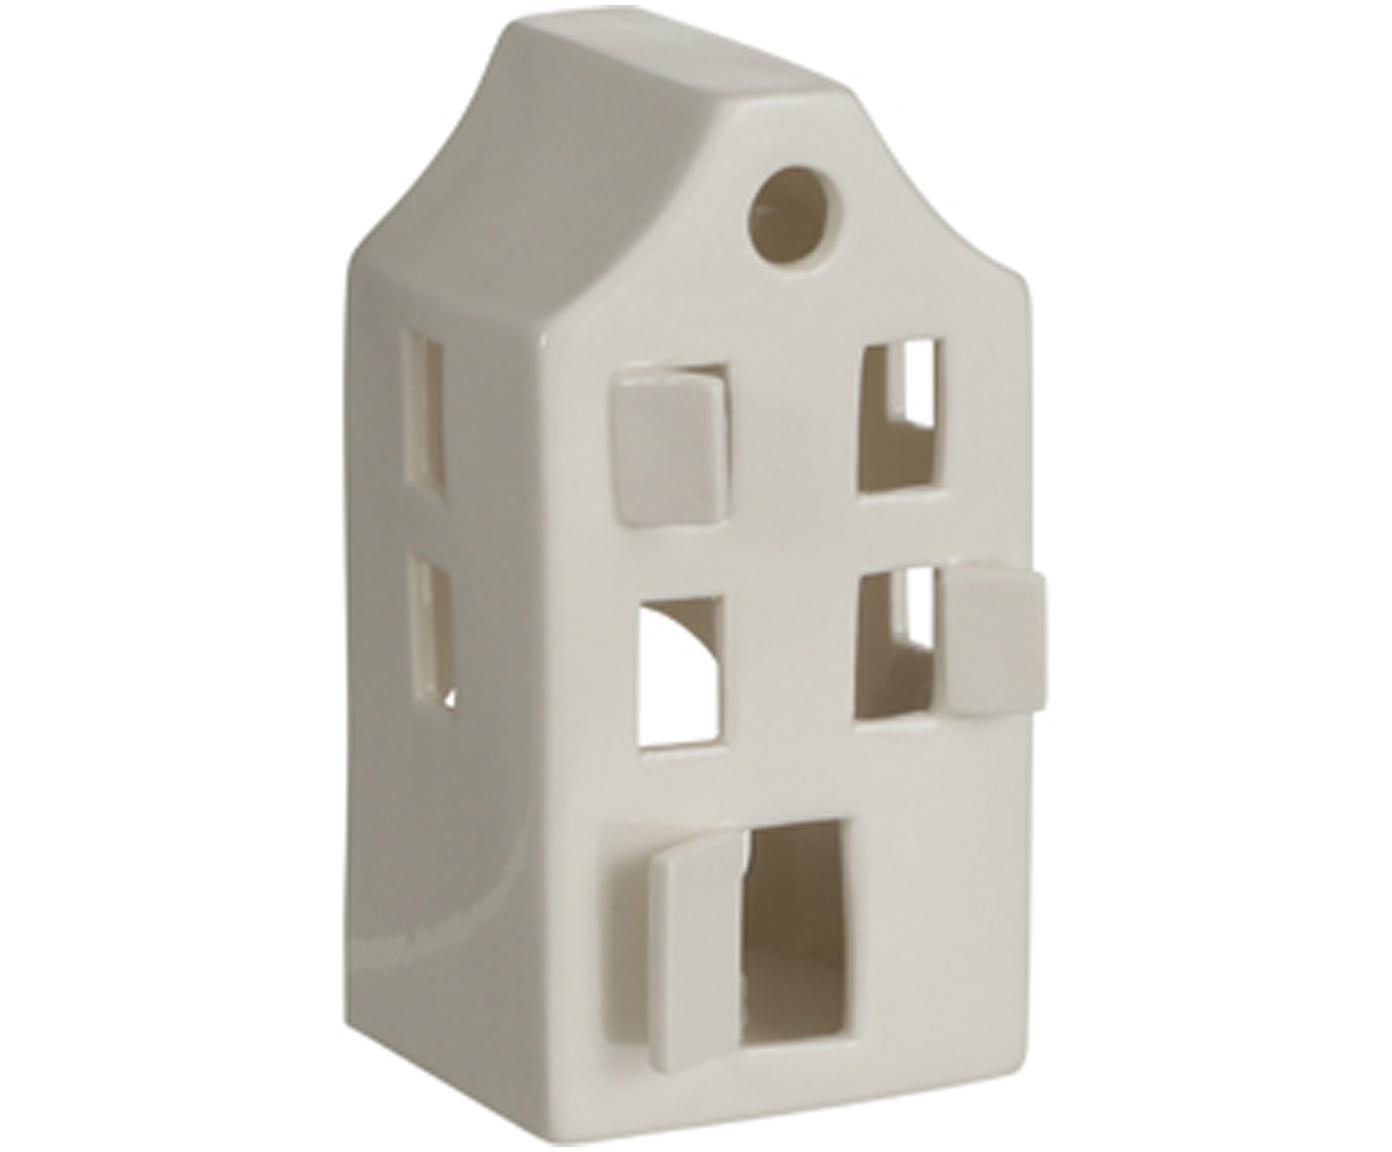 Teelichthalter House, Porzellan, Weiss, 8 x 14 cm